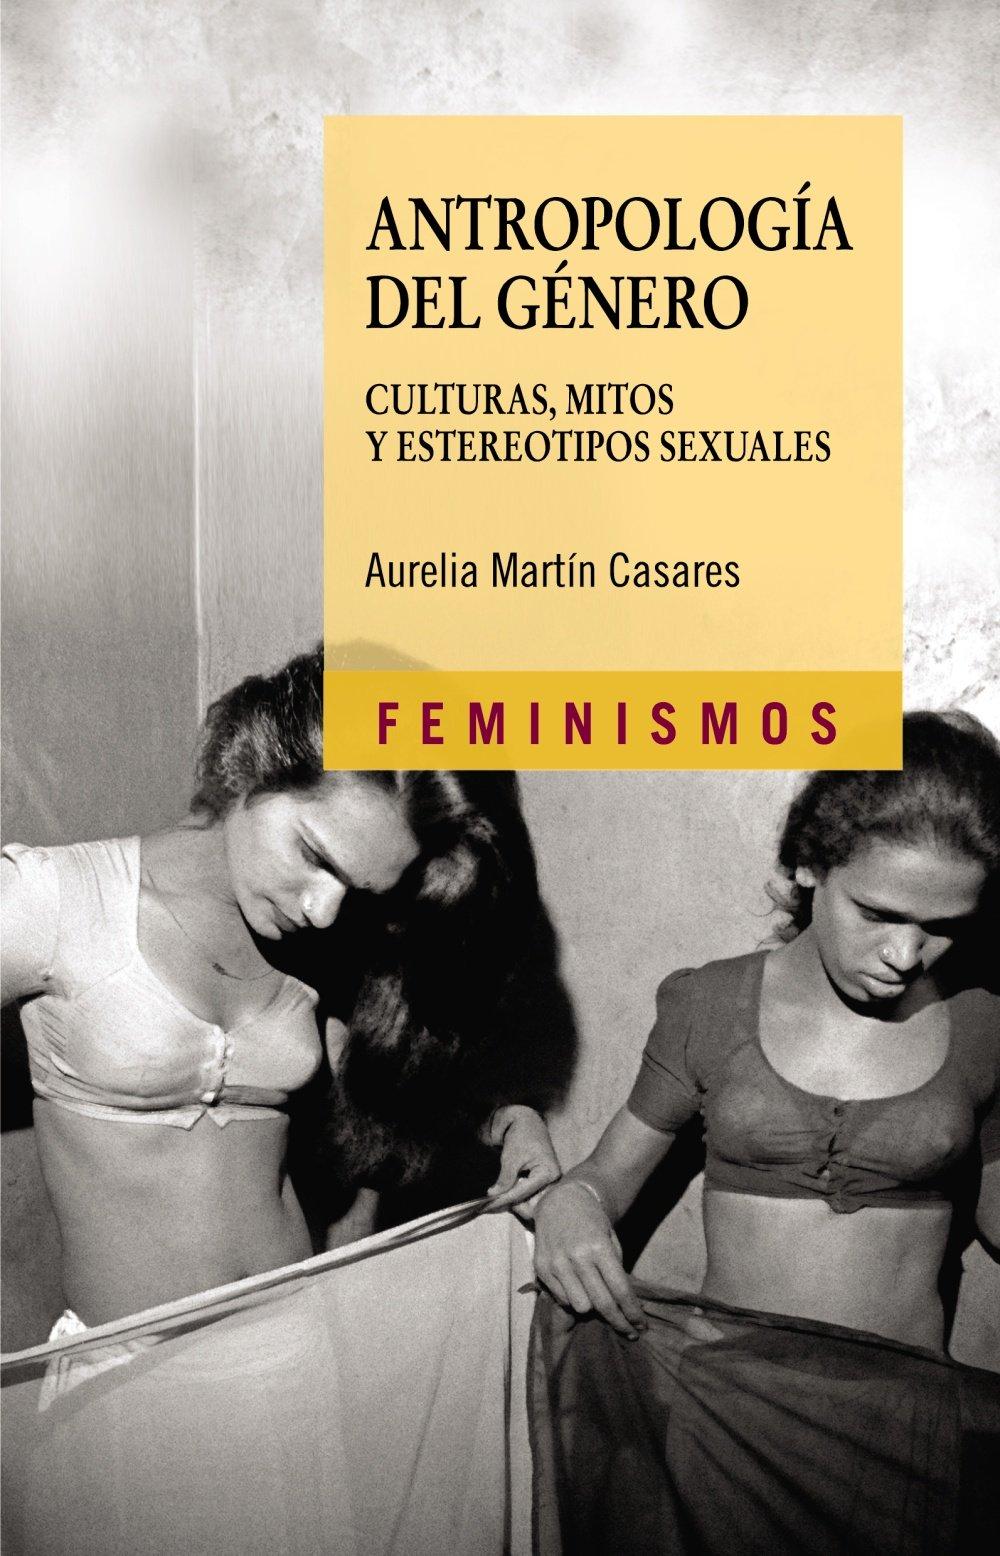 Antropología del género: Culturas, mitos y estereotipos sexuales (Feminismos) Tapa blanda – 4 sep 2006 Aurelia Martín Casares Cátedra 8437623189 AGP_0000229